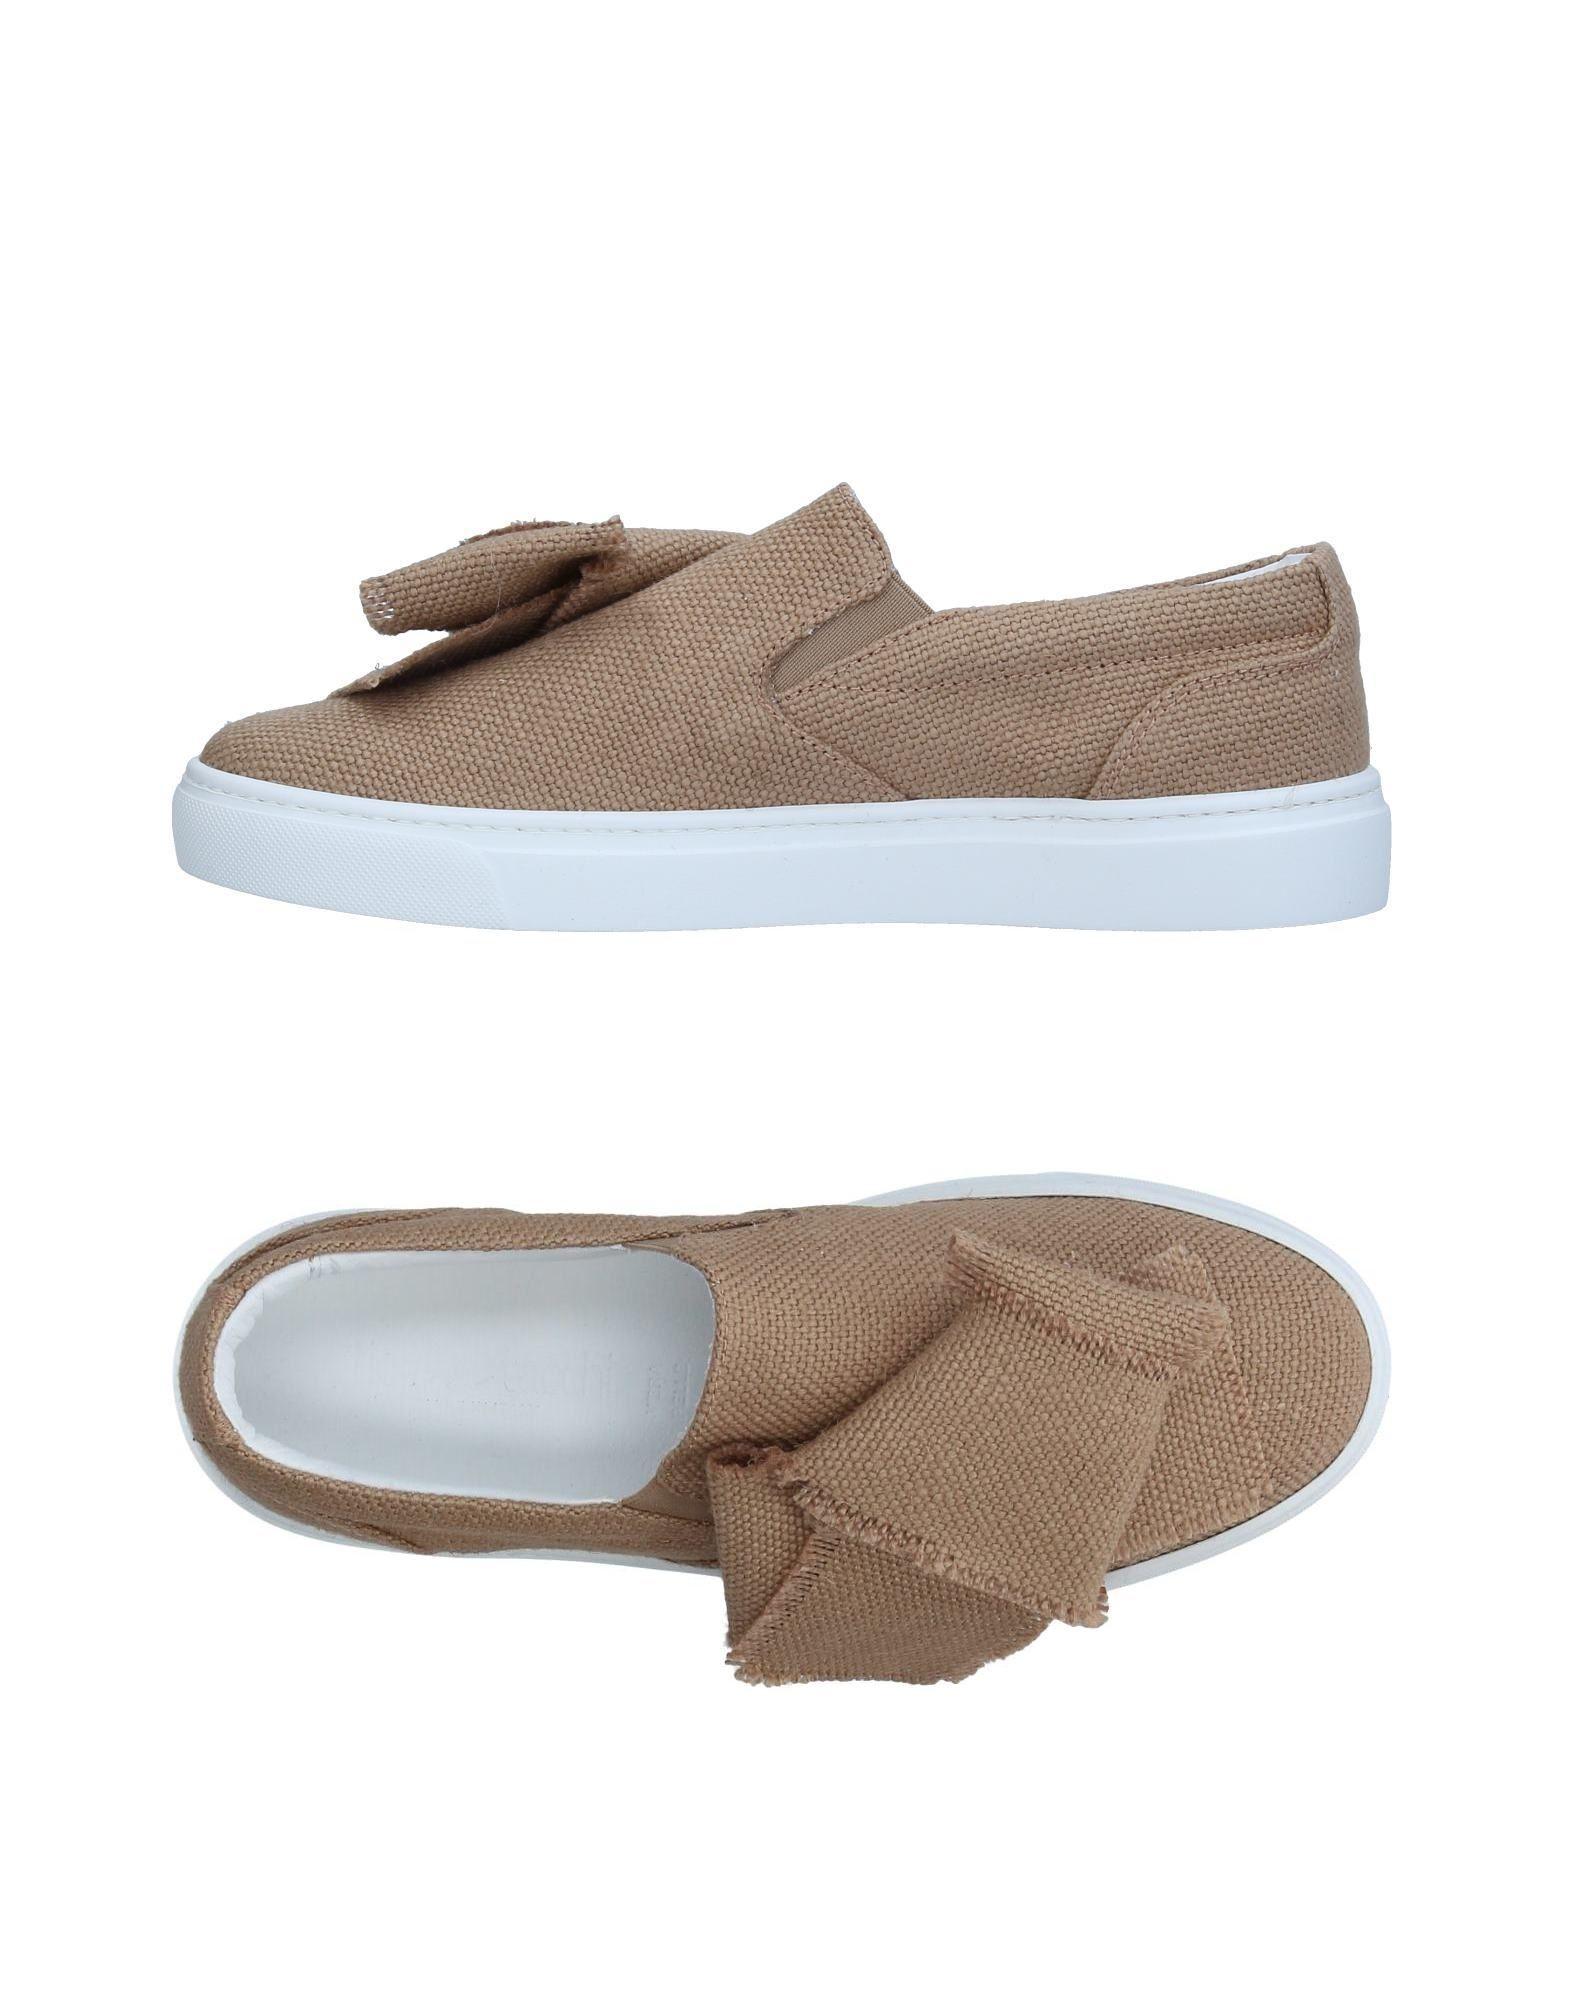 Sneakers Tipe 11332477PF E Tacchi Donna - 11332477PF Tipe a40207